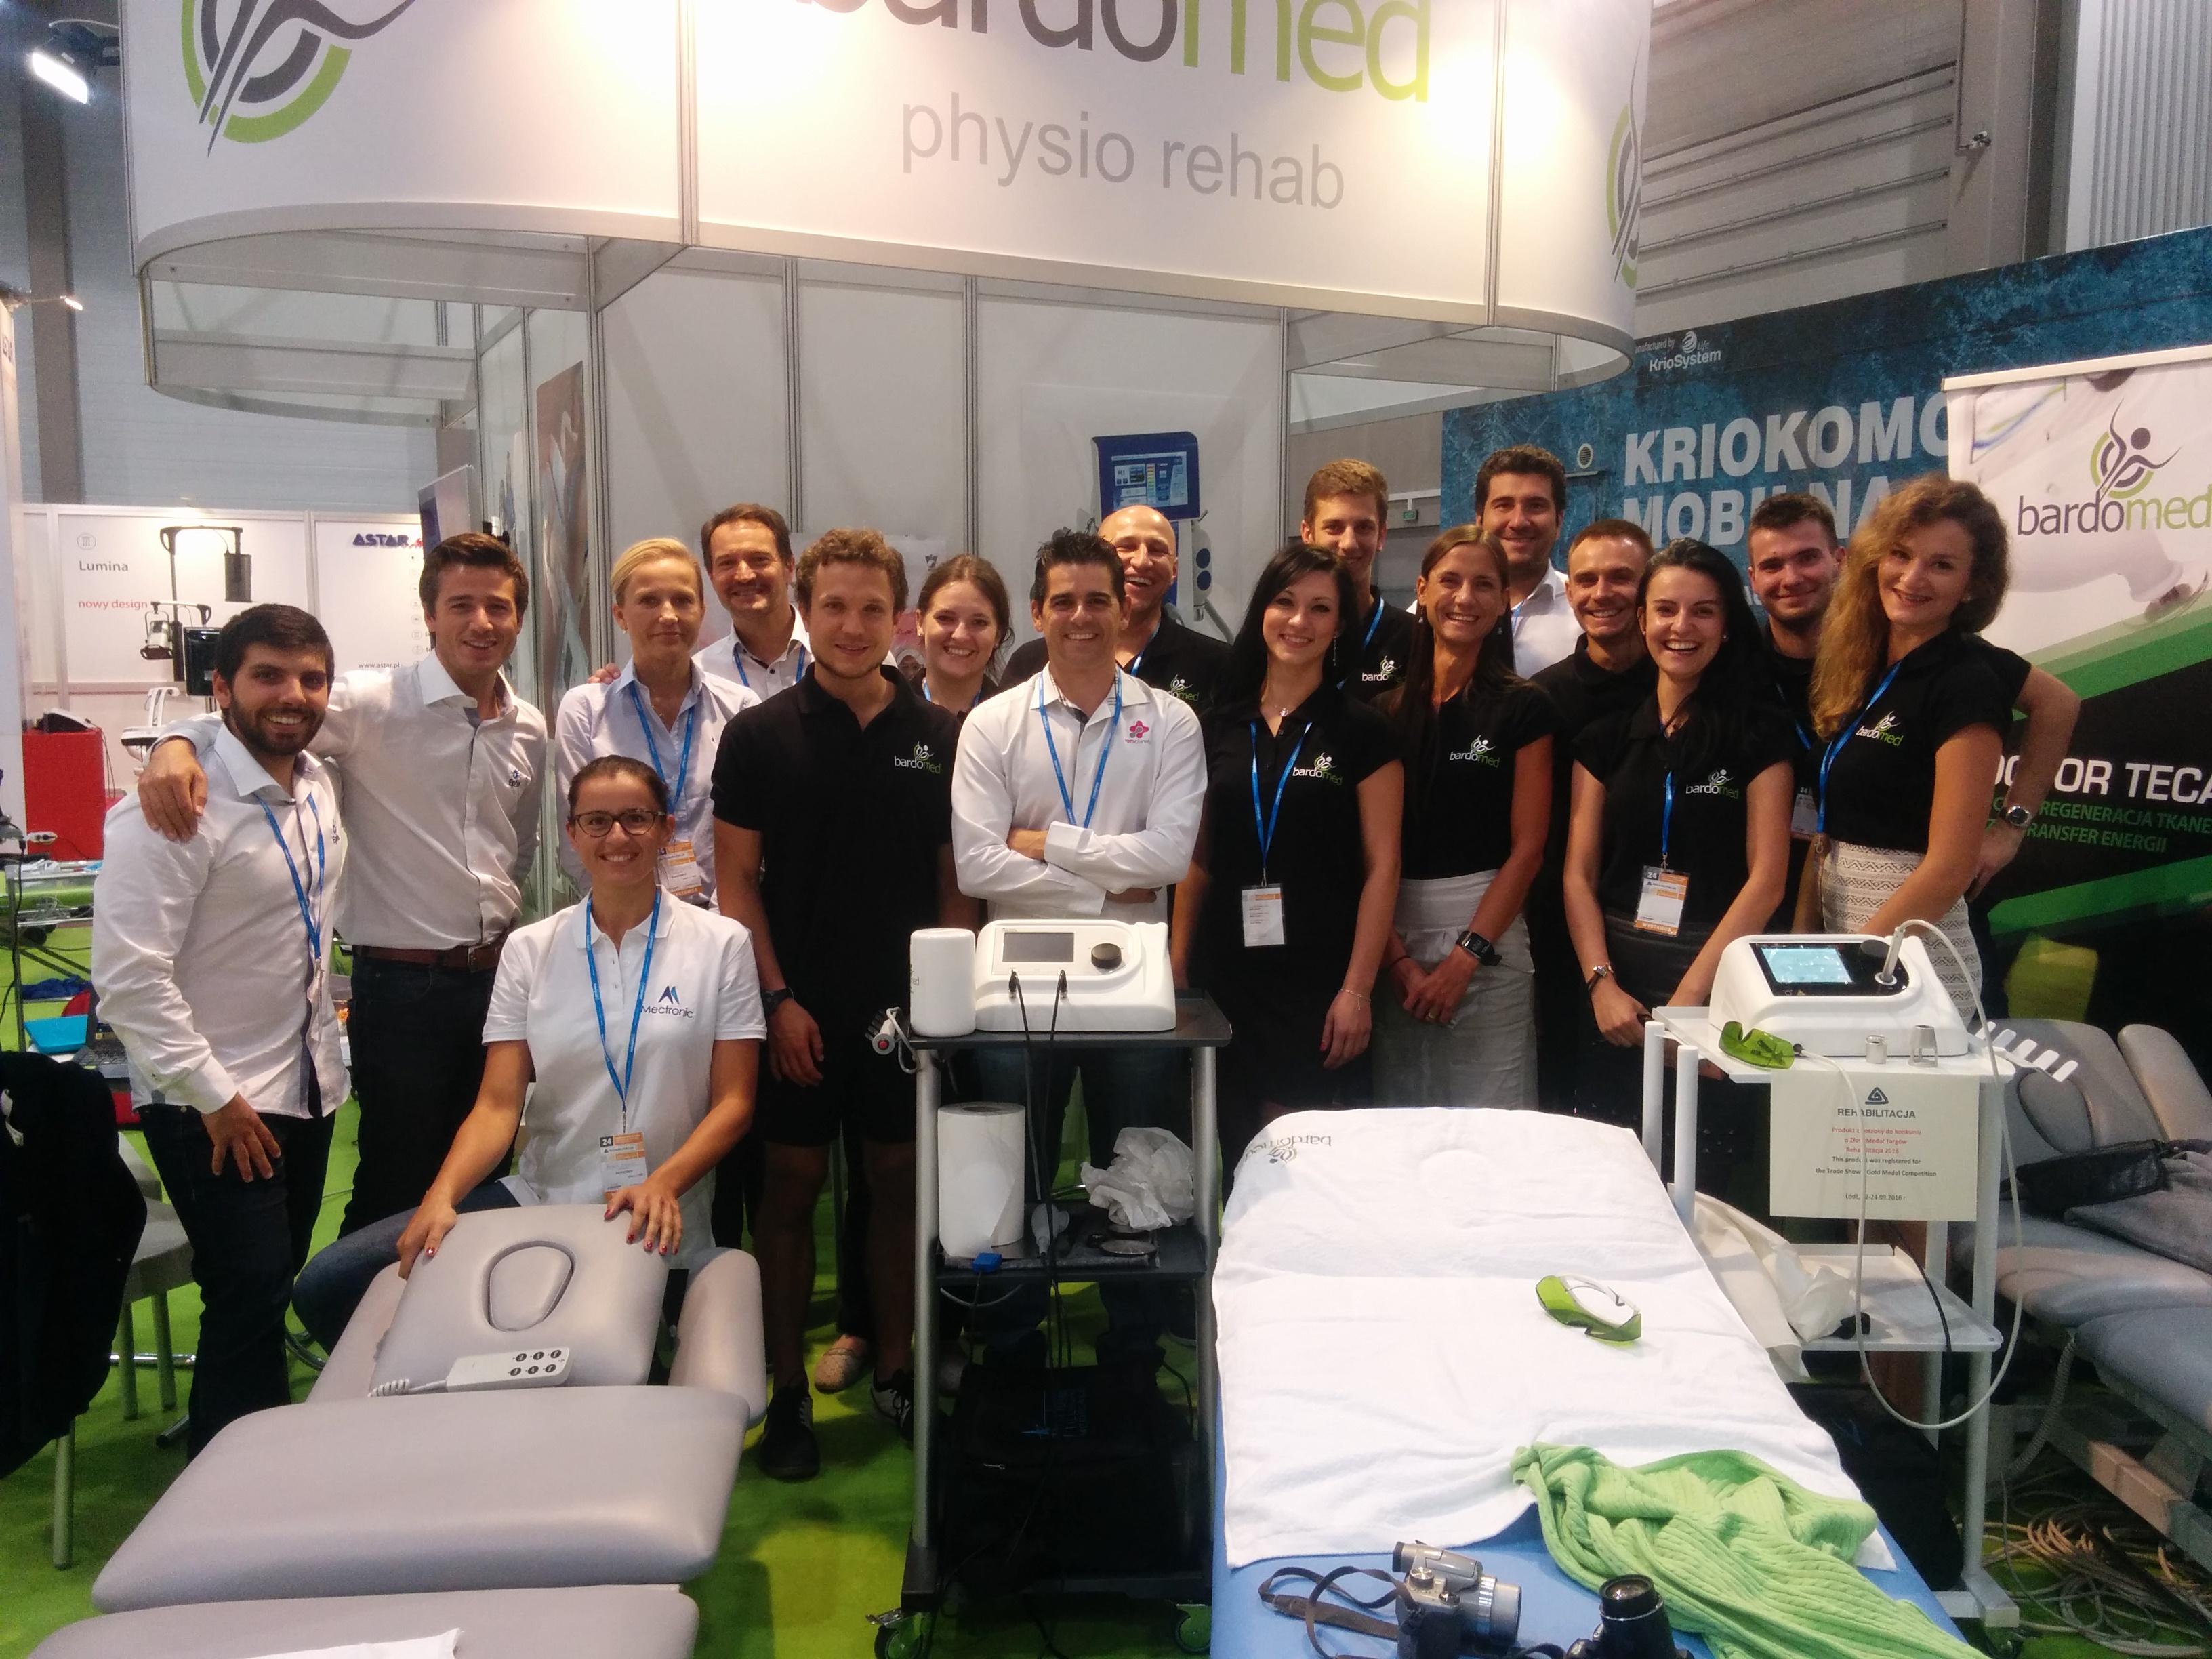 BardoMed Physio rehab - zdjęcie ekipy BardoMed z targów